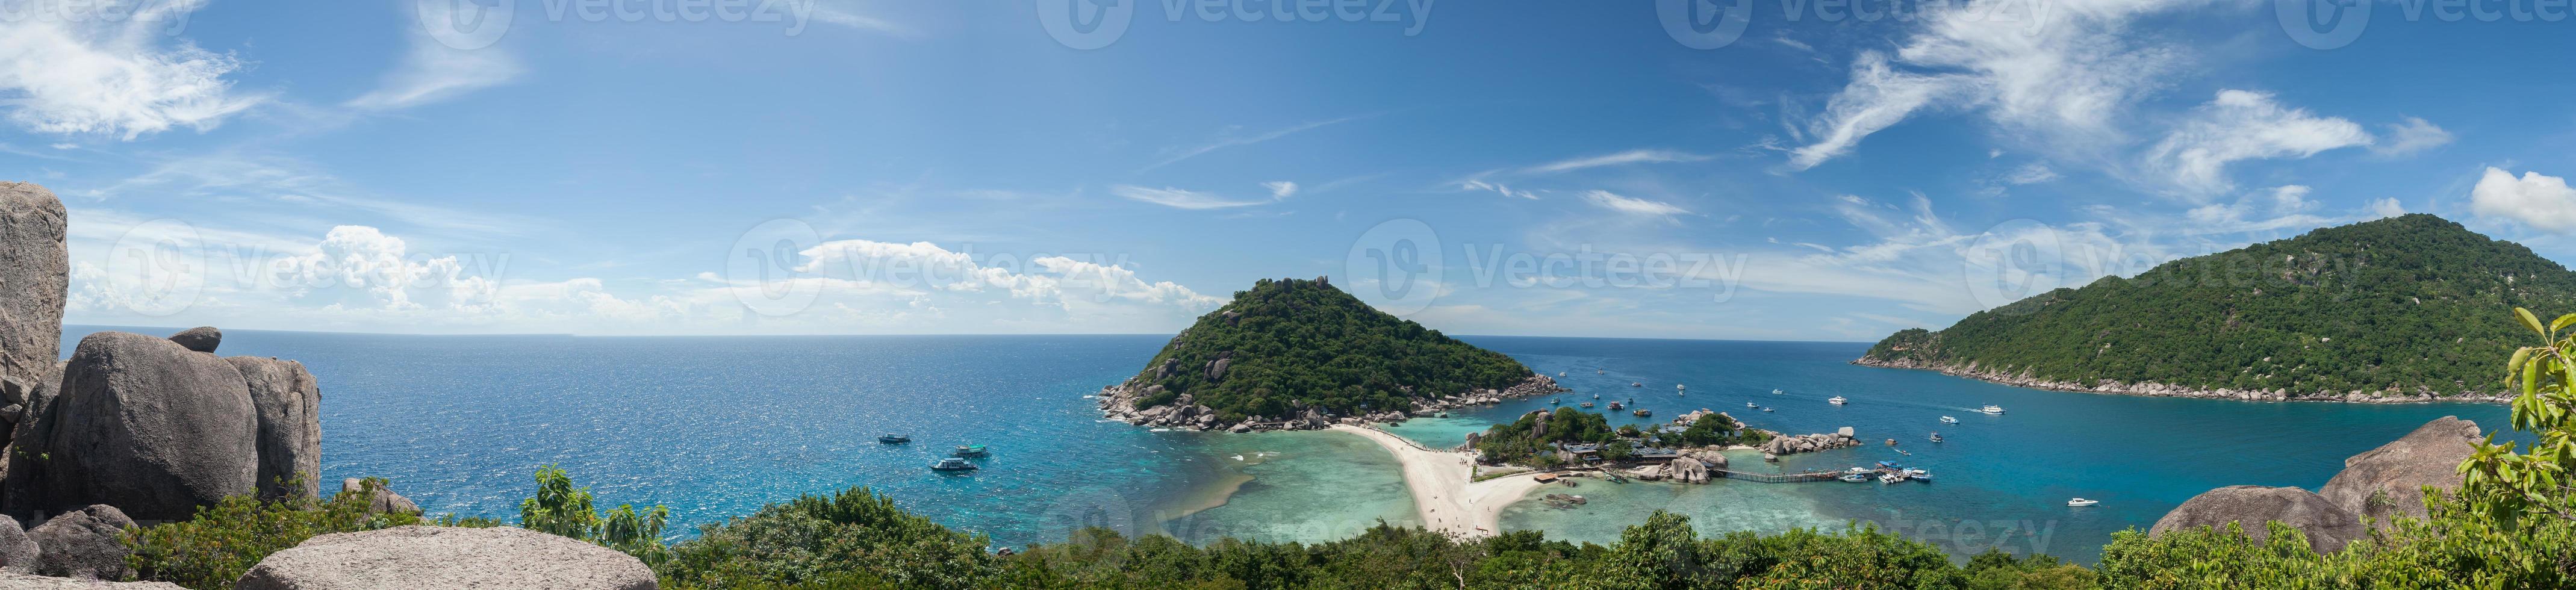 panorama de uma praia foto